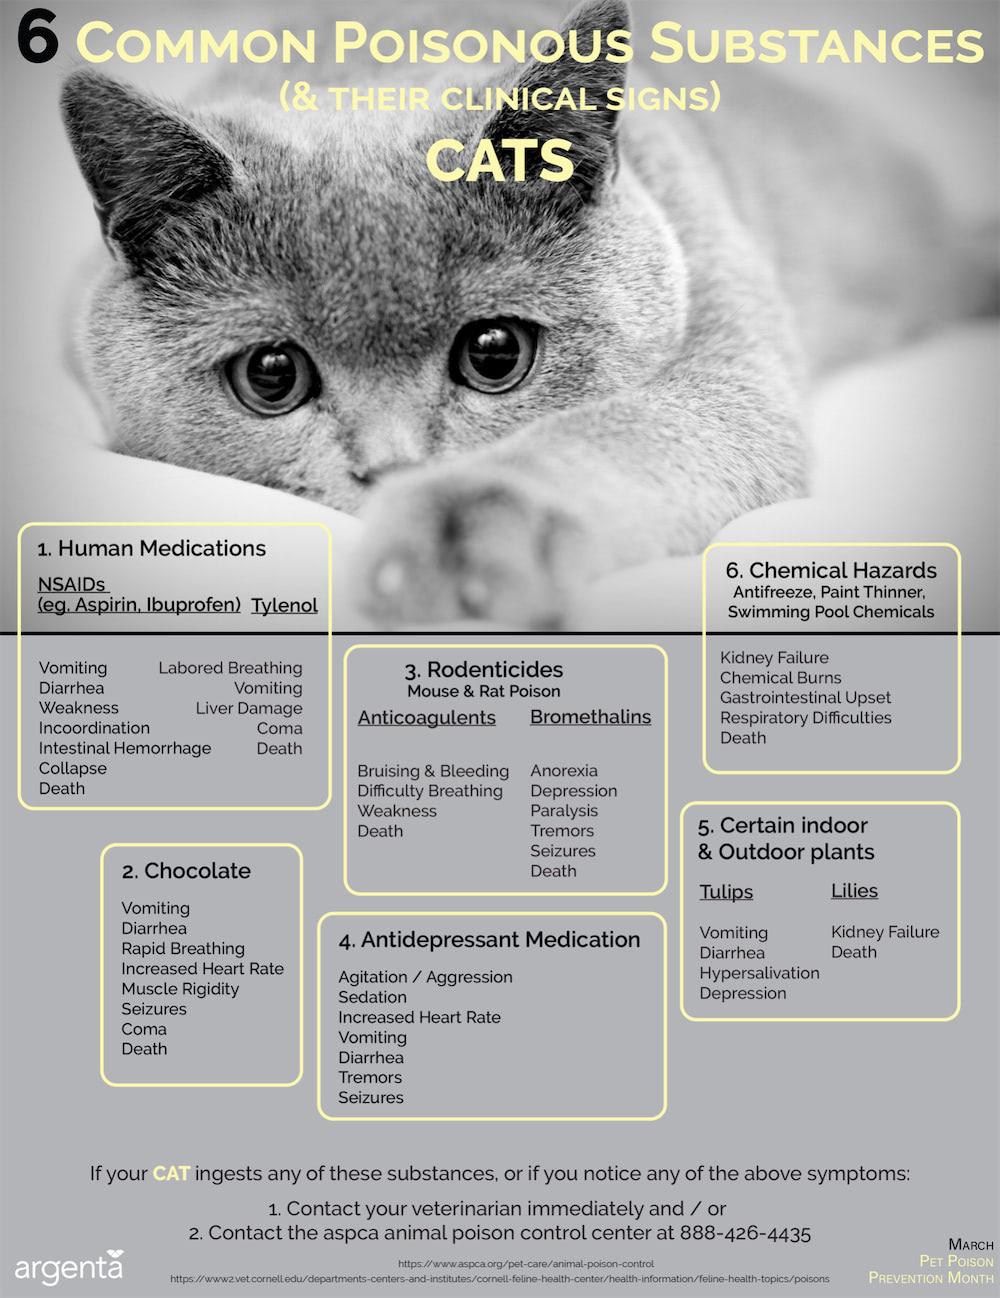 6 Common Poisonous Substances: Cats